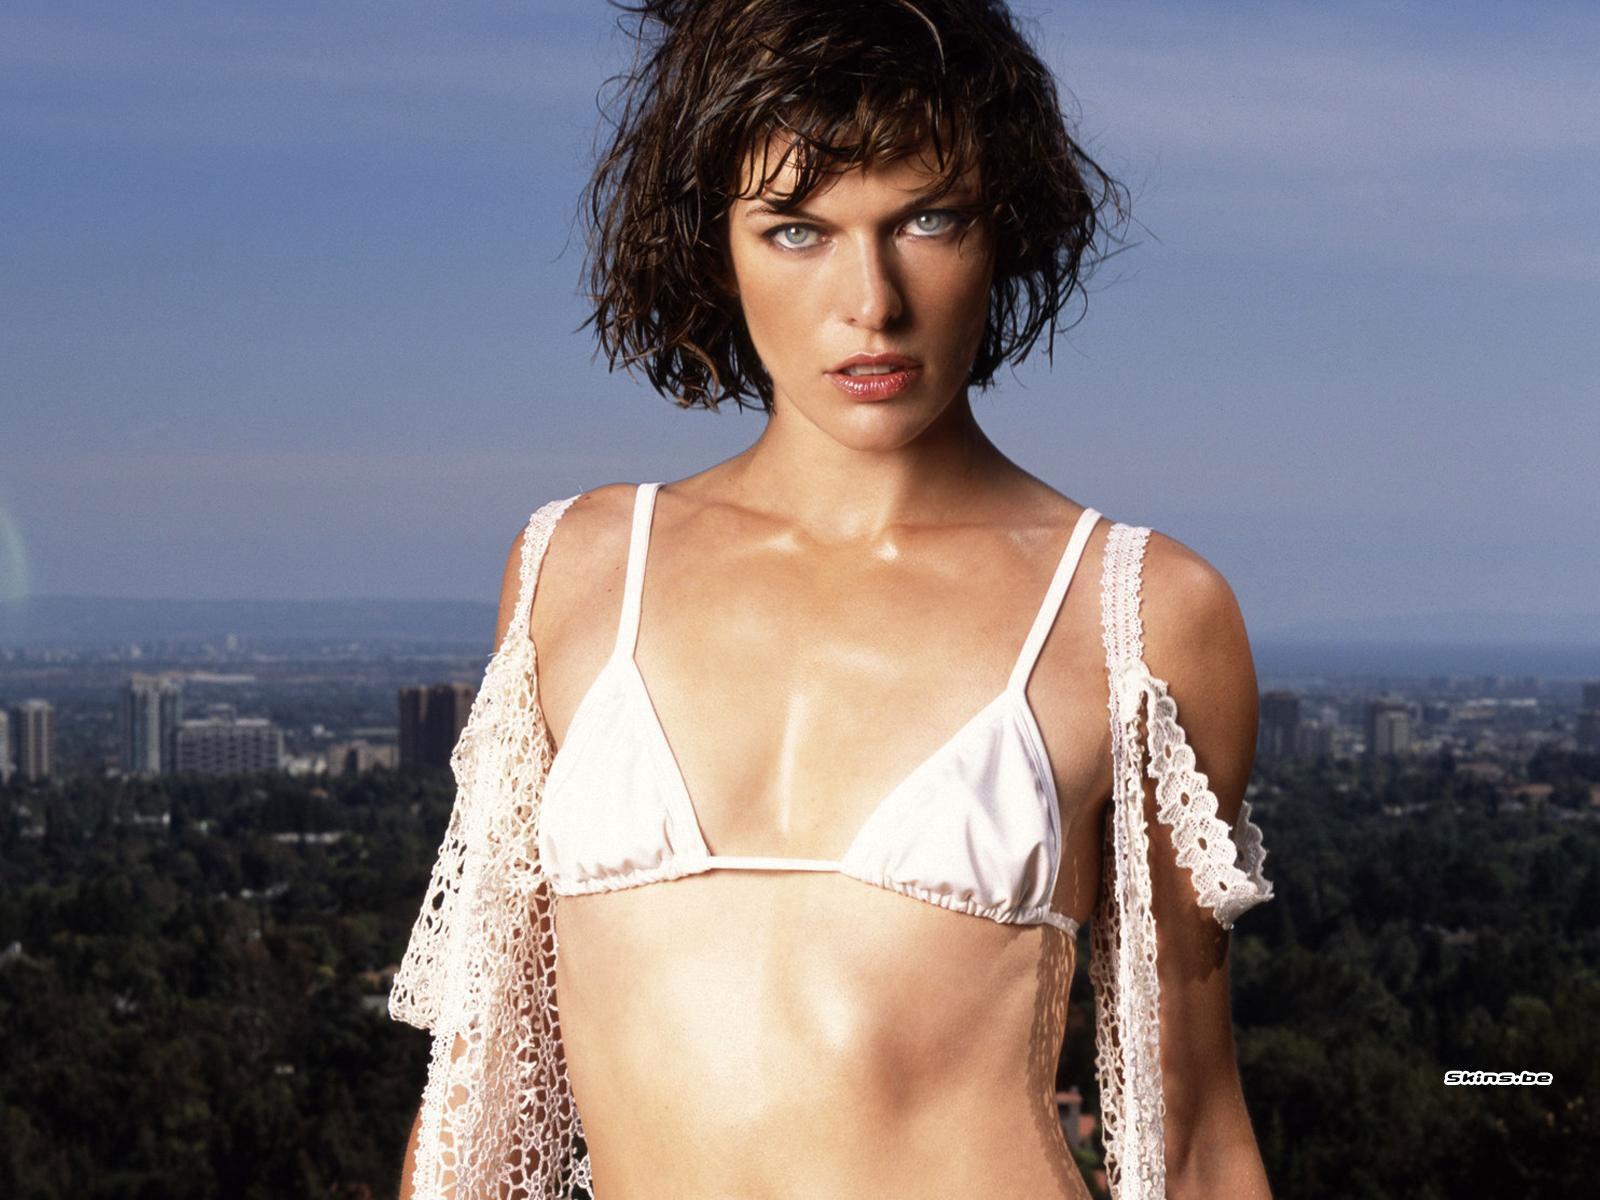 Фото женщин с нулевым размером груди — pic 6